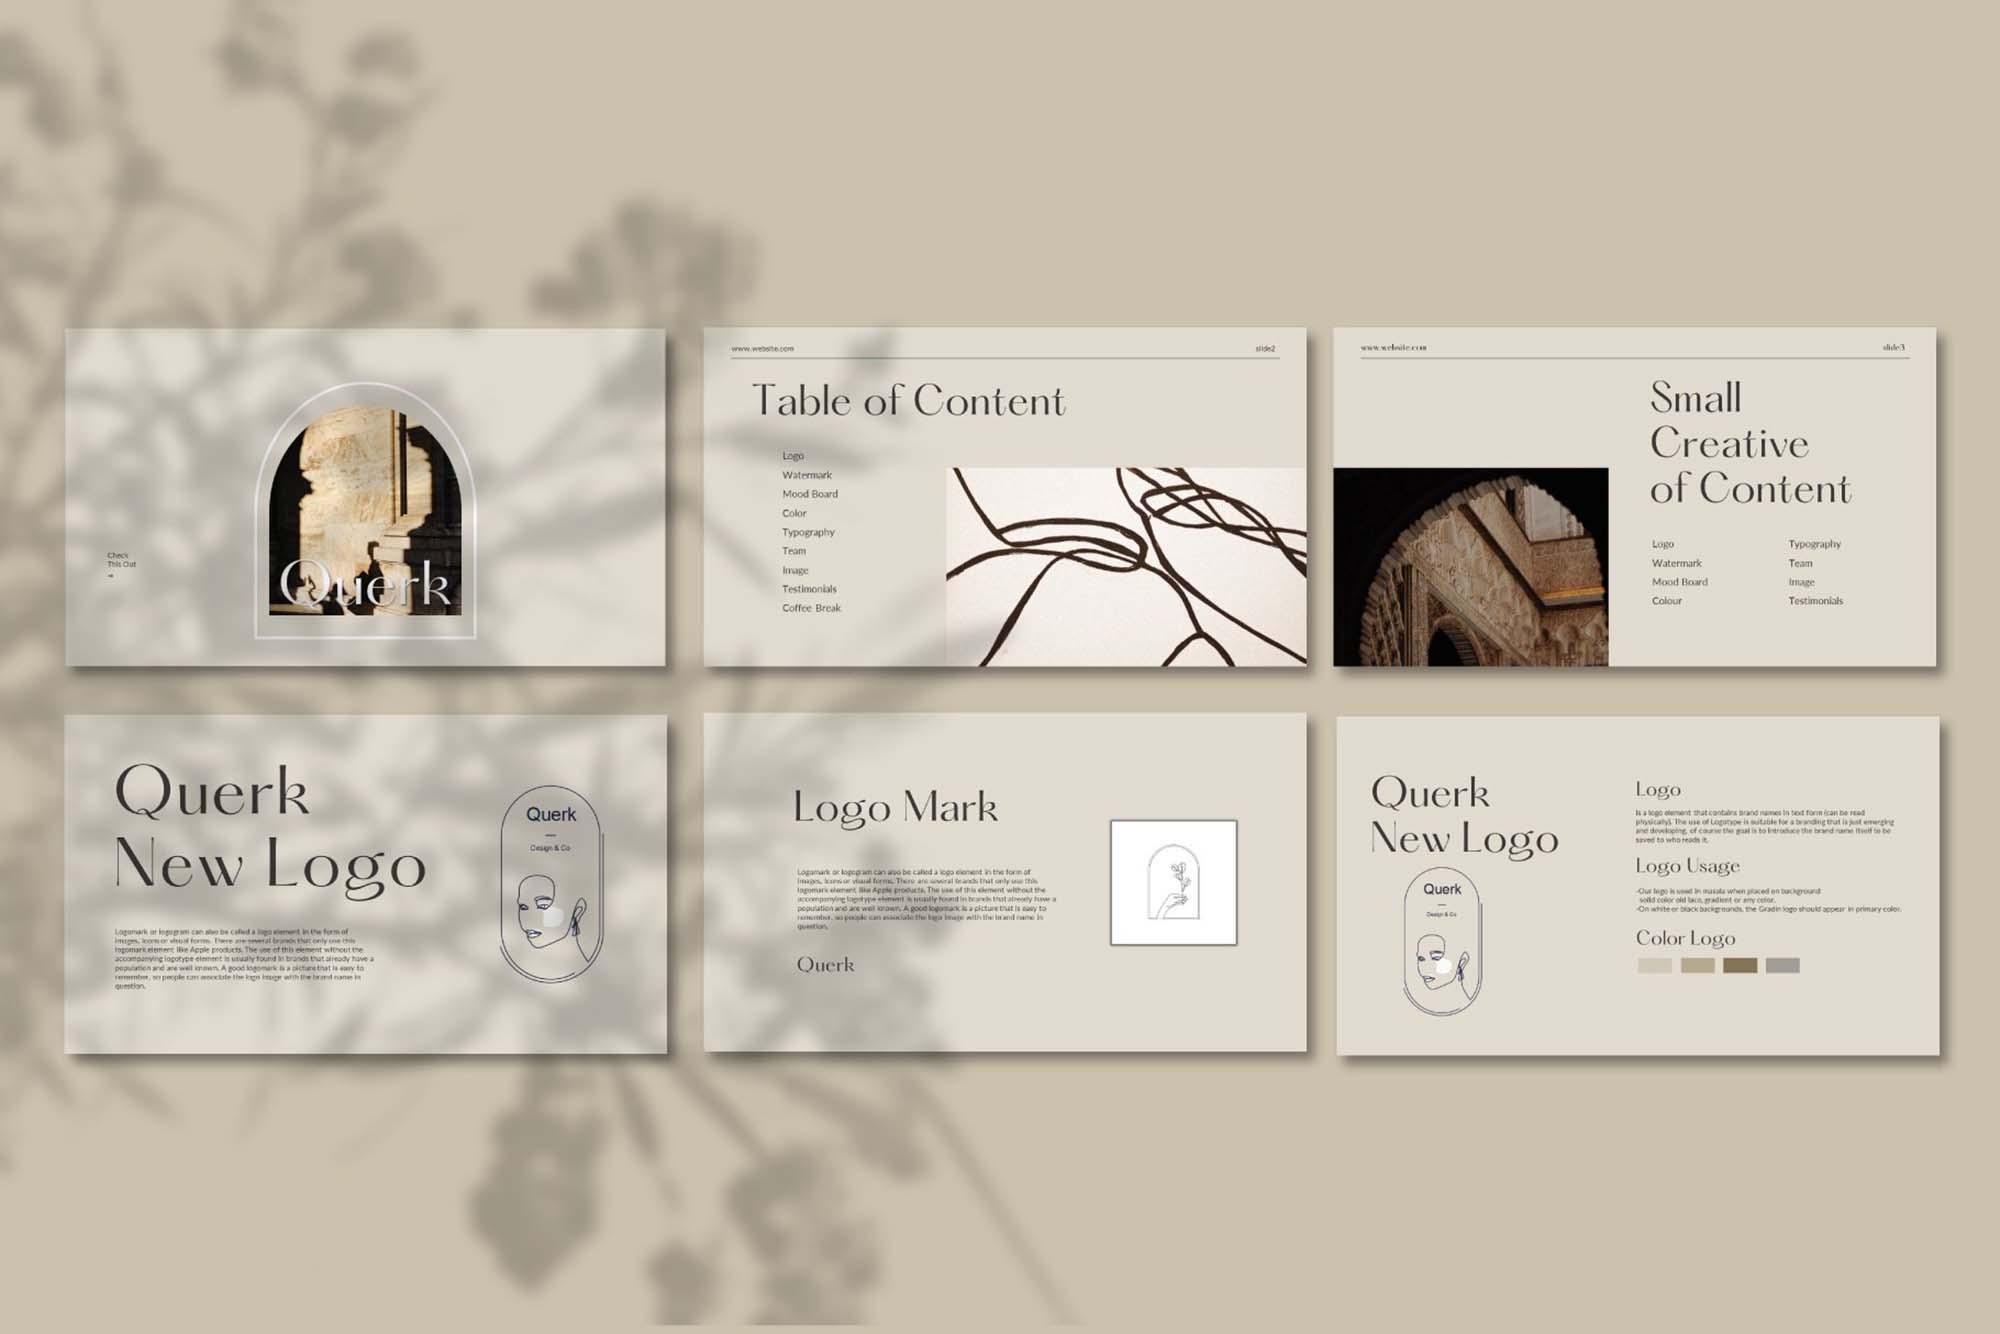 Querk Brand Presentation Template 4